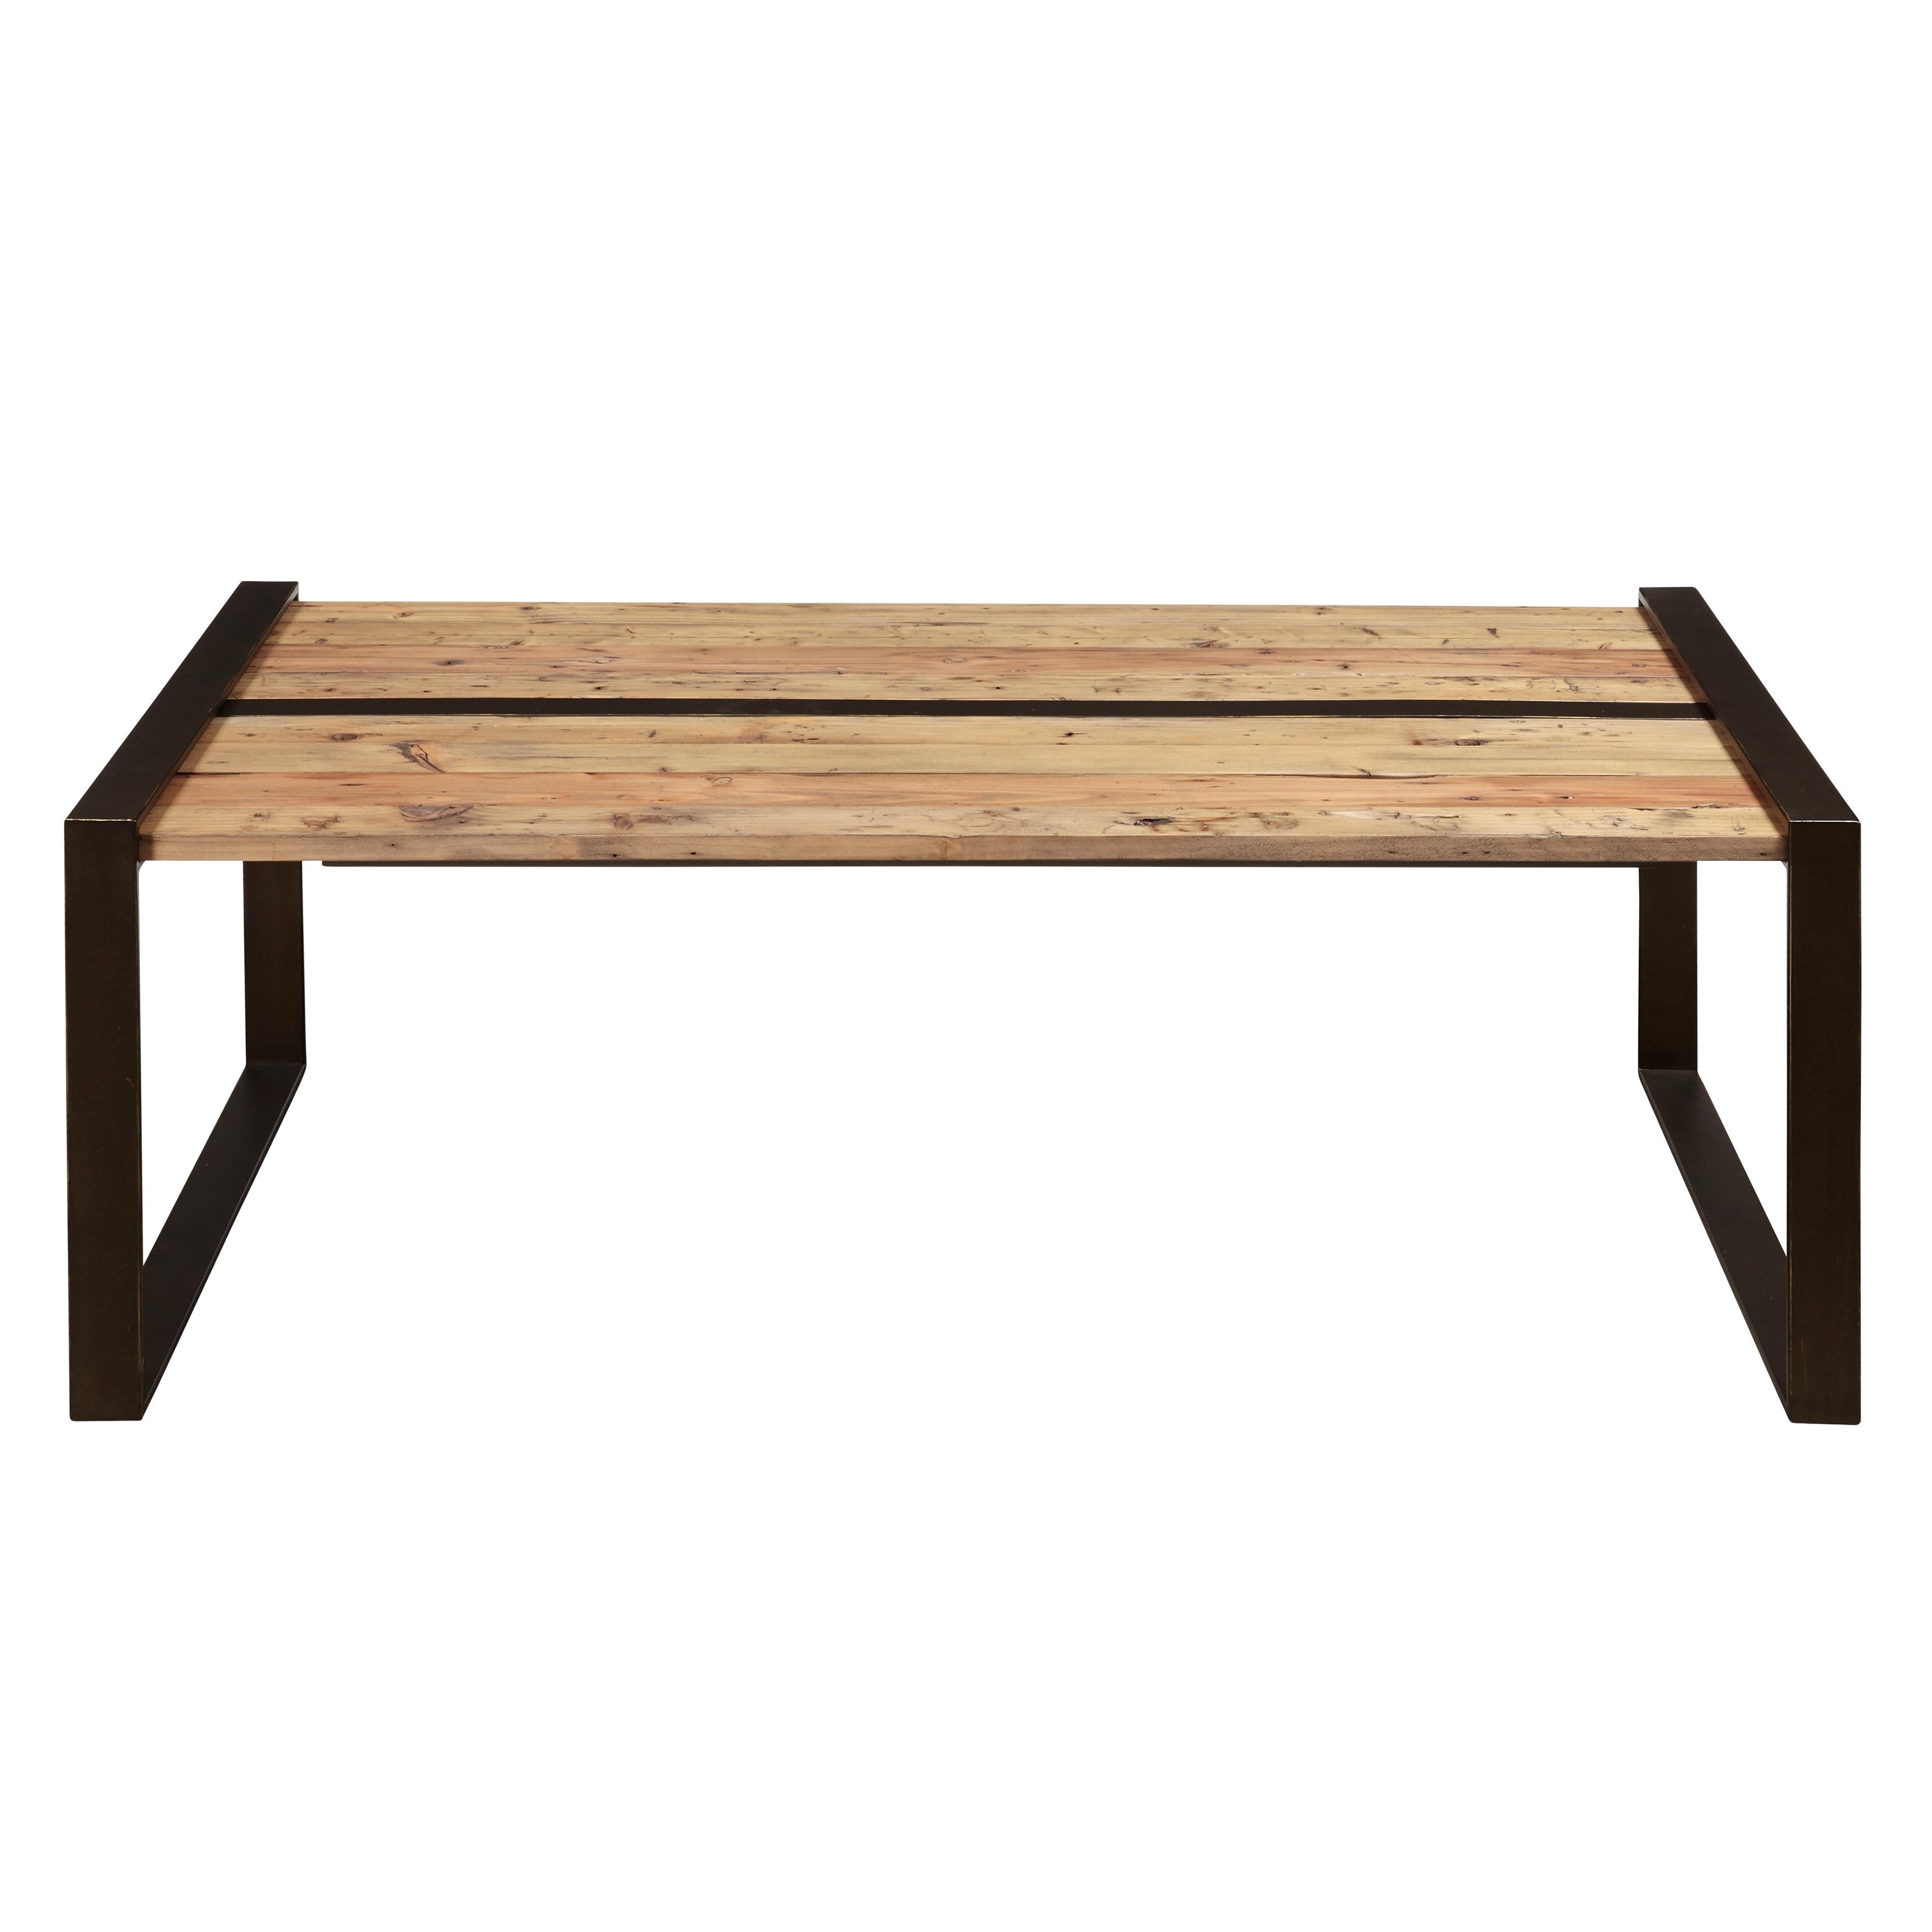 Reclaimed Wood Metal Coffee Table.Reclaimed Wood Metal Cocktail Table